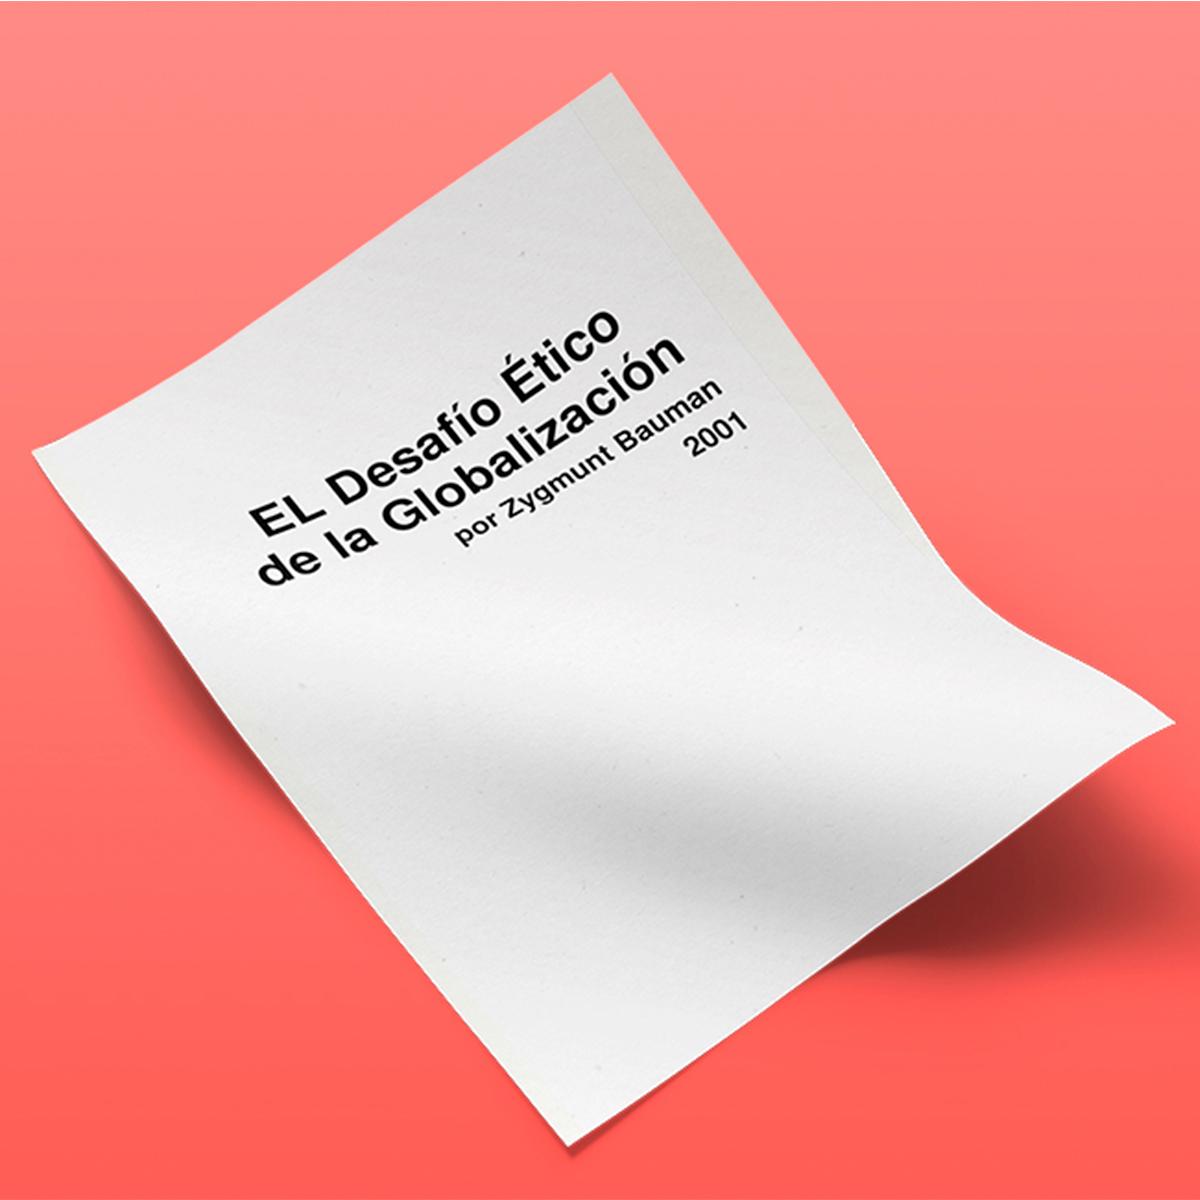 DESAFIO-ETICO-CUADRADO